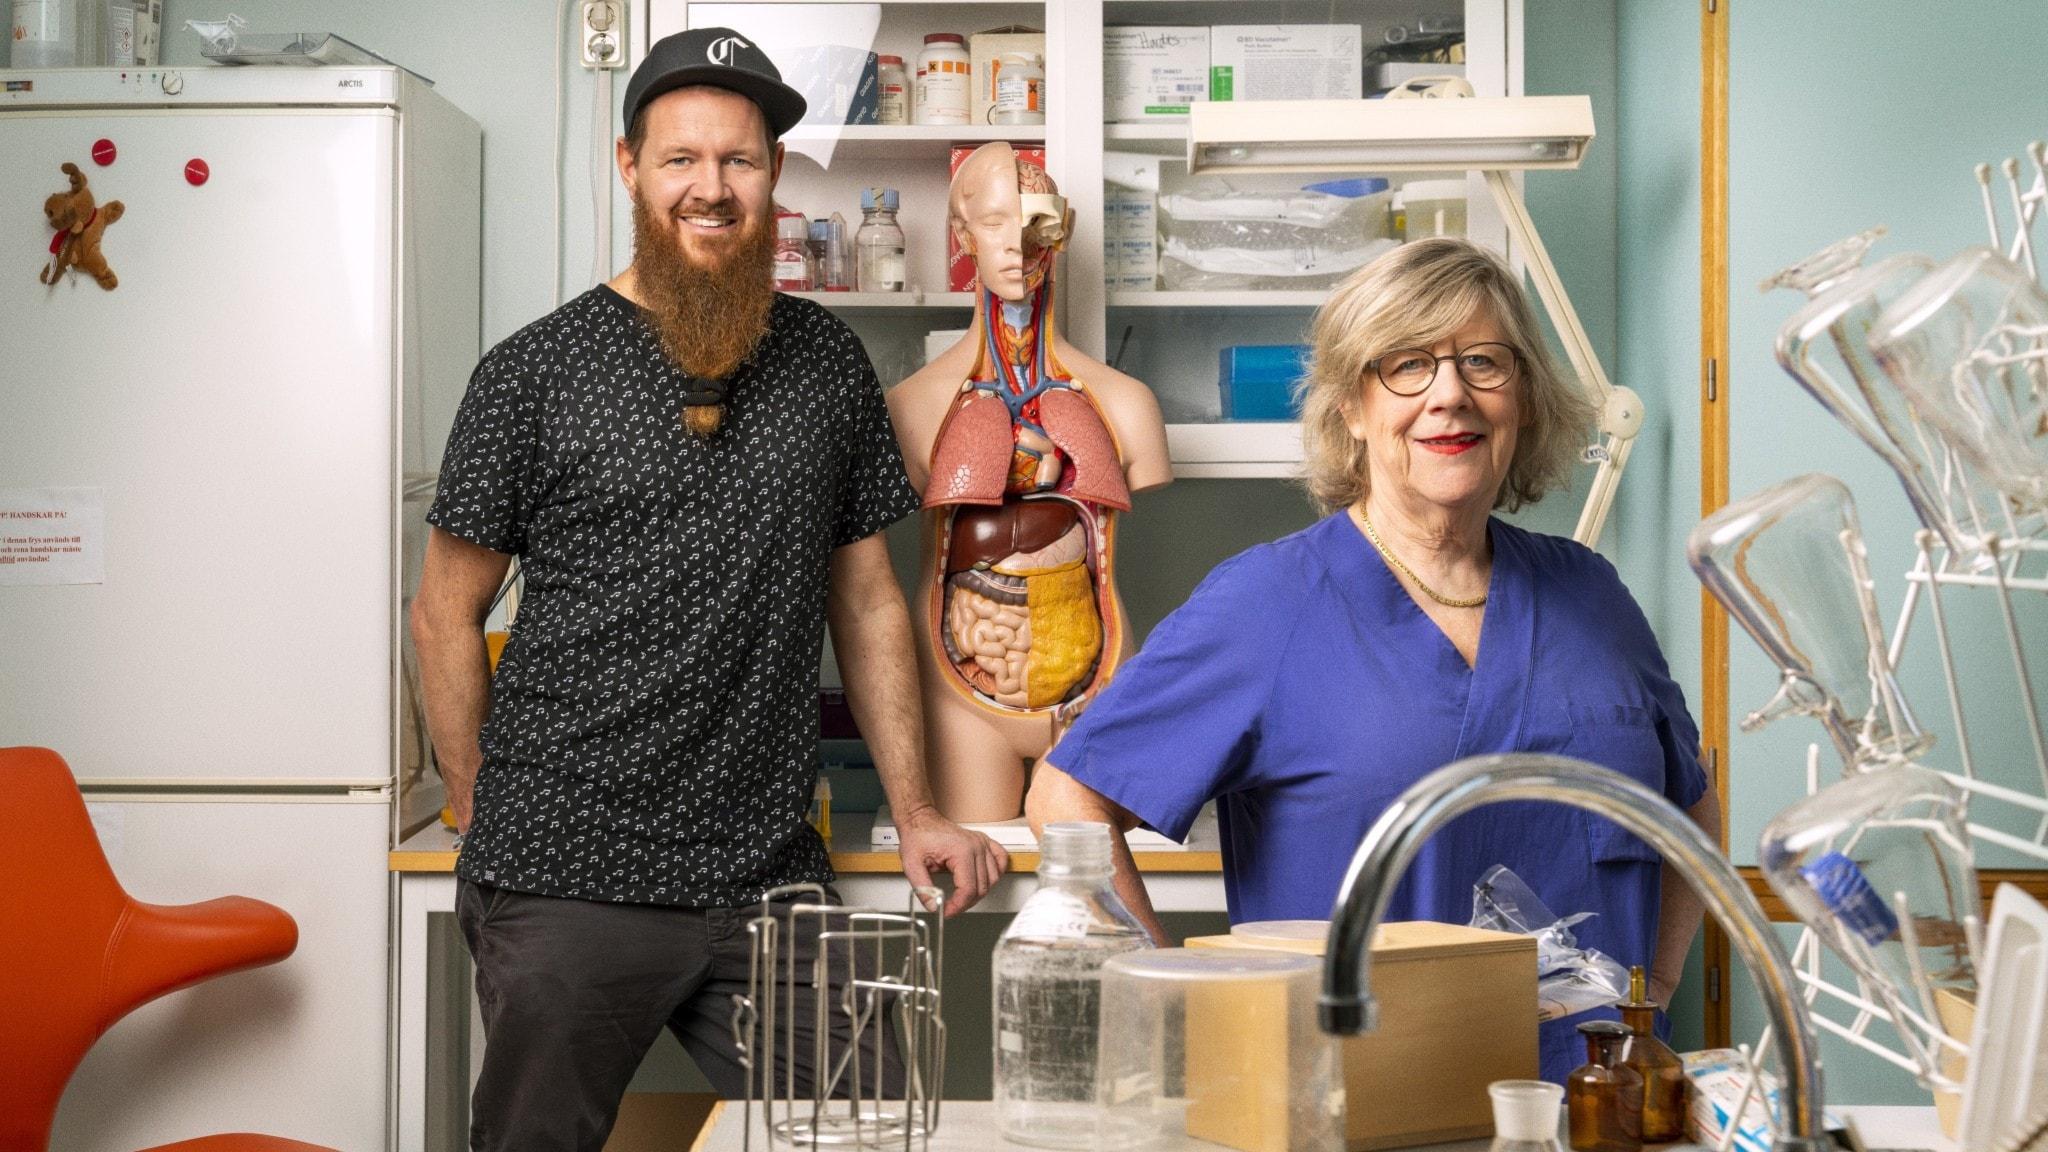 Christer Lundberg och Agnes Wold ståendes i ett laboratorium, Christer med skägg och keps till vänster i bild, till höger om honom en anatomisk modell över en människokropp. I förgrunden, till höger, står Agnes Wold med en blå läkarskjorta och glasögon.